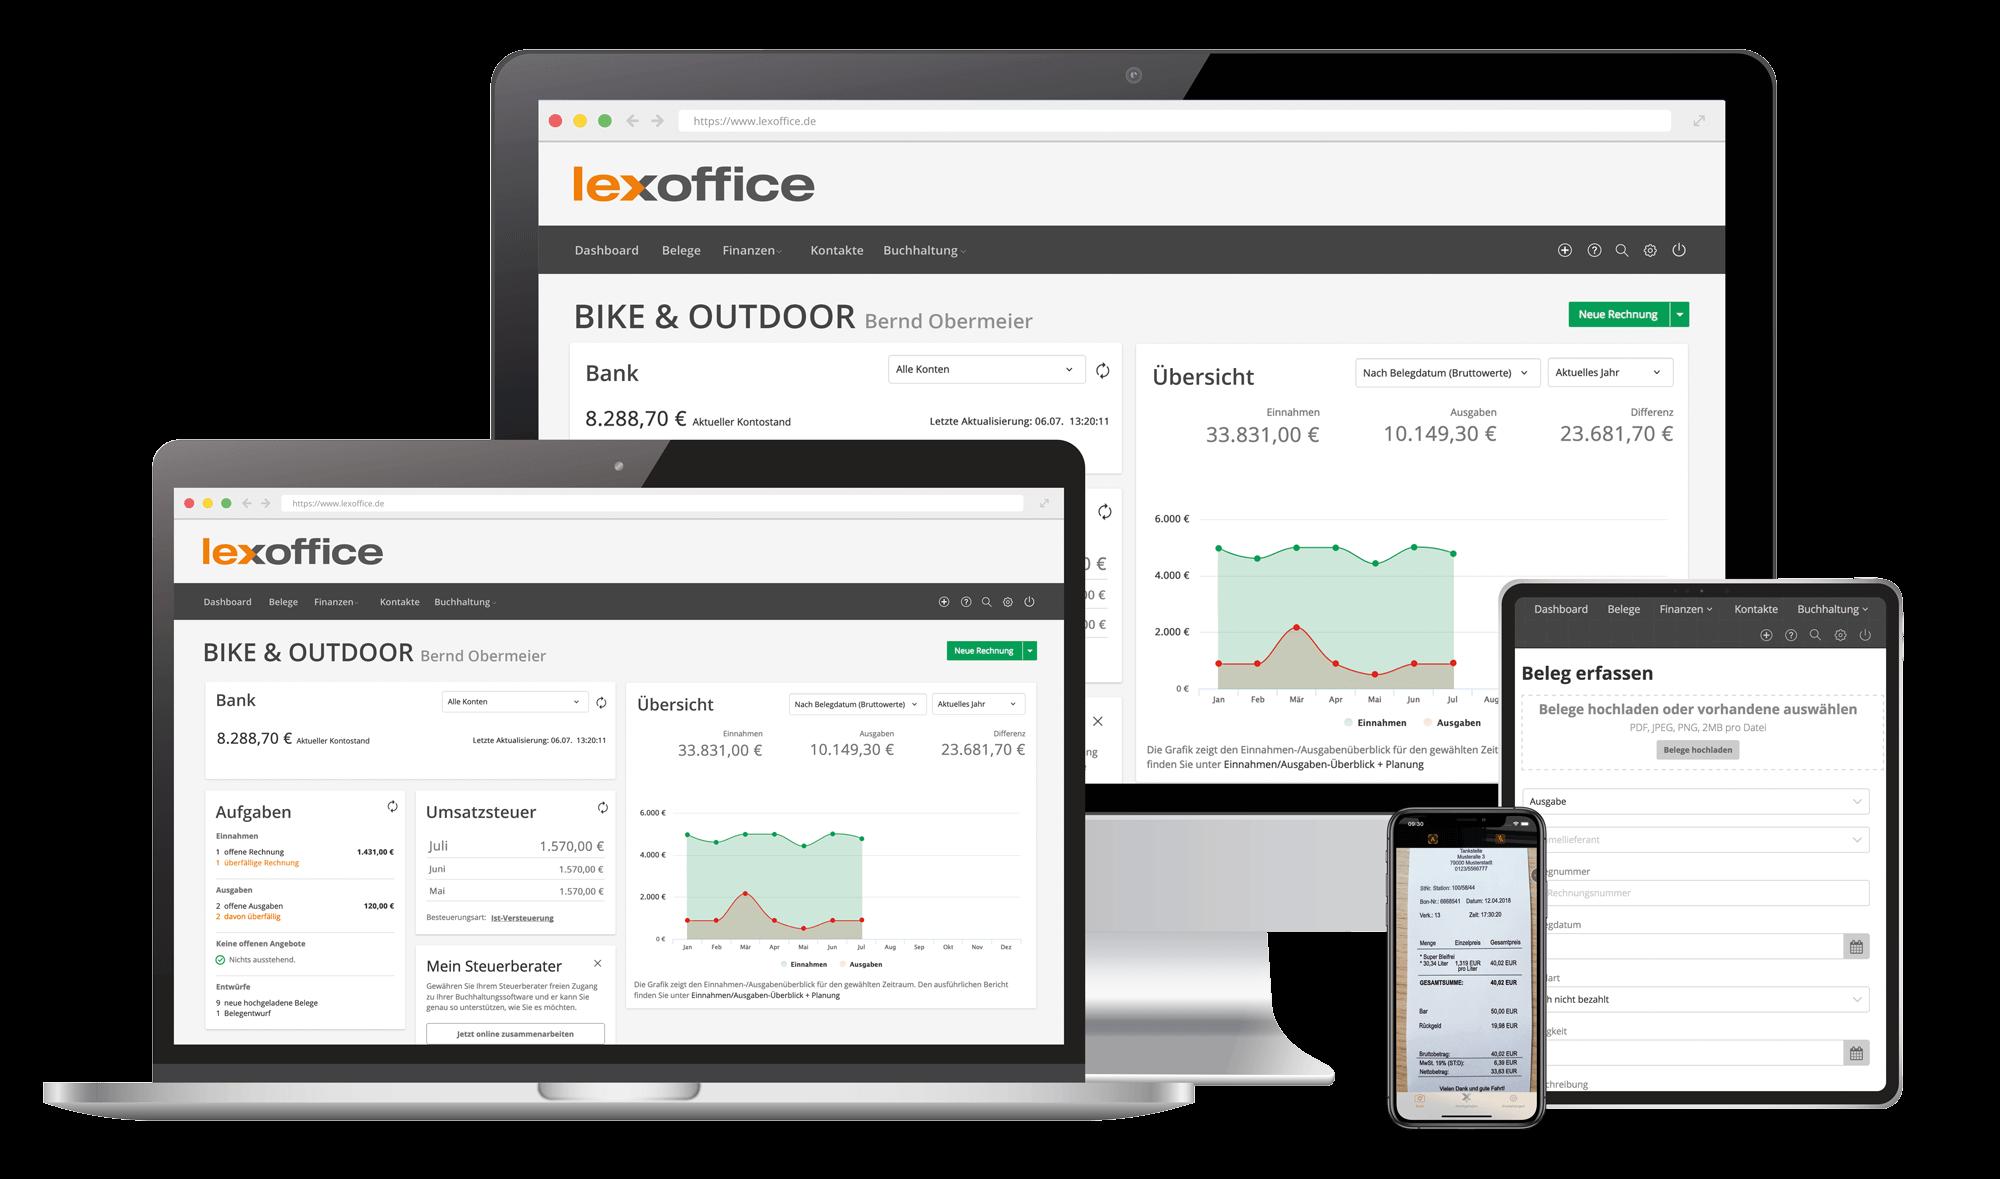 Multi Device - Mit lexoffice auf verschiedenen Endgeräten online die Buchhaltung erledigen